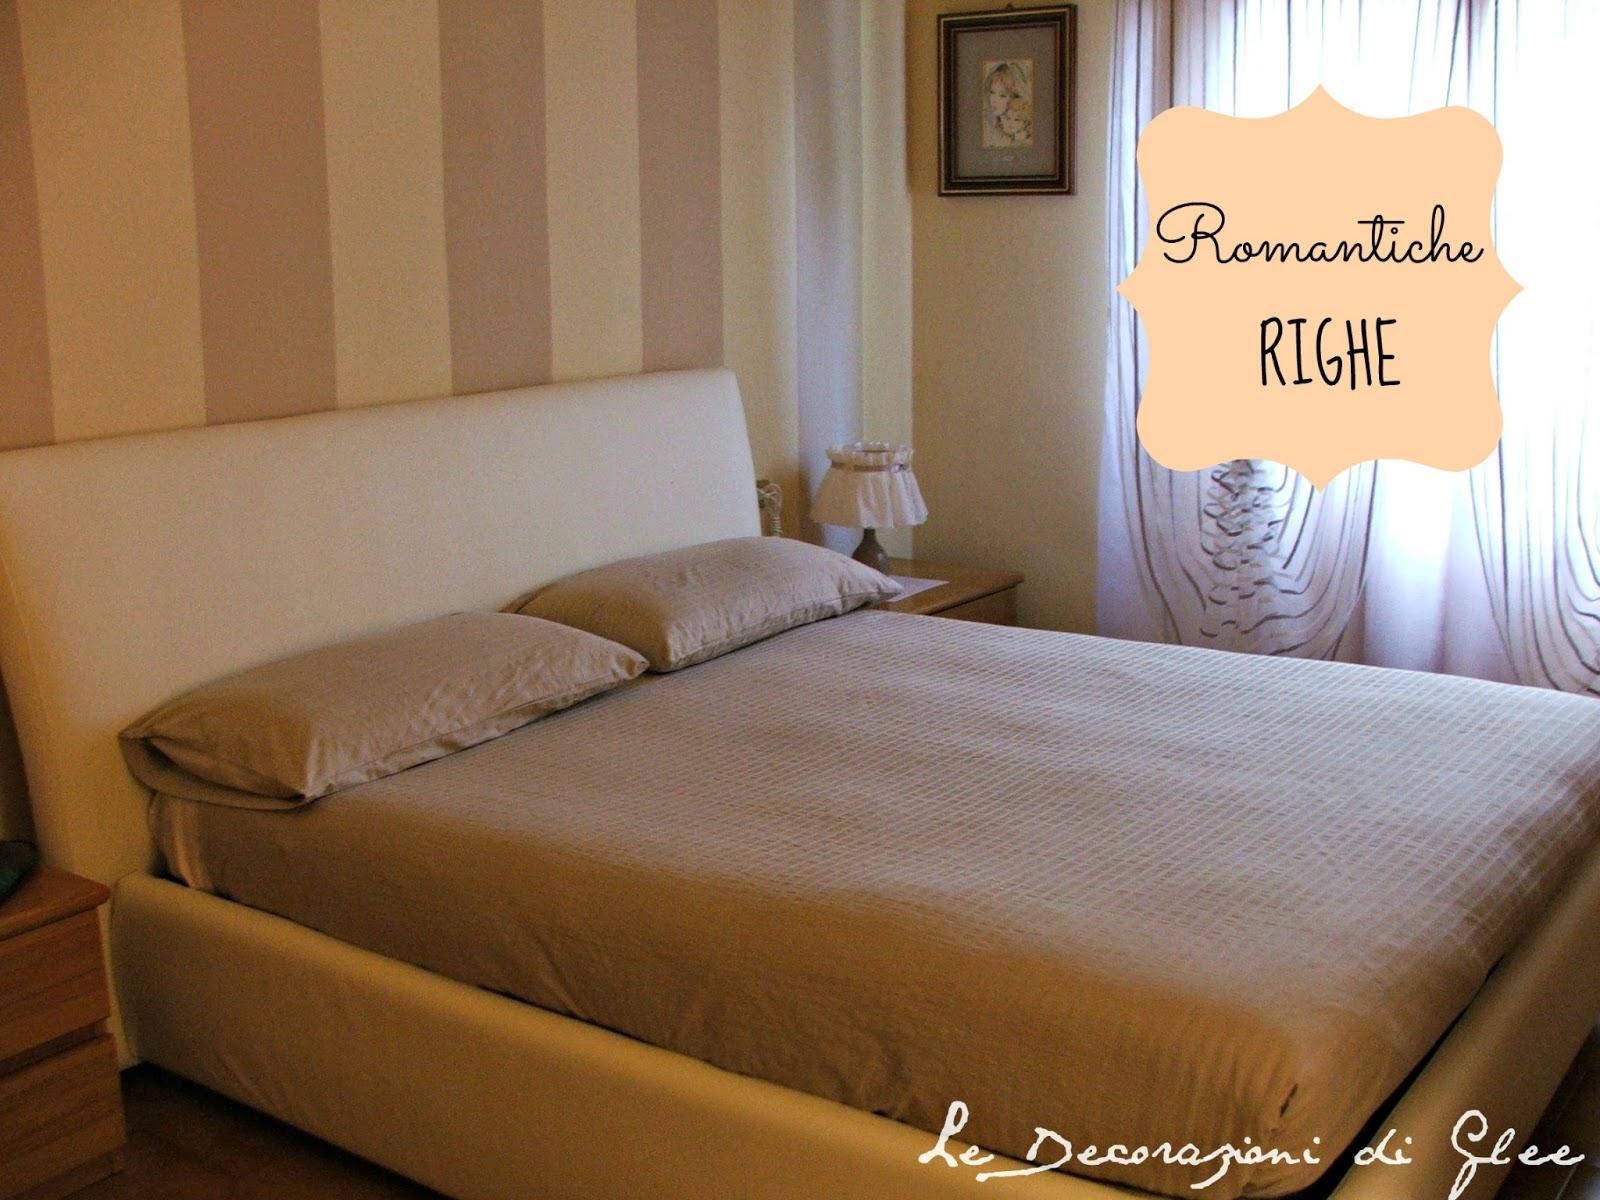 Idee per imbiancare camera da letto gz15 regardsdefemmes for Idee pittura camera